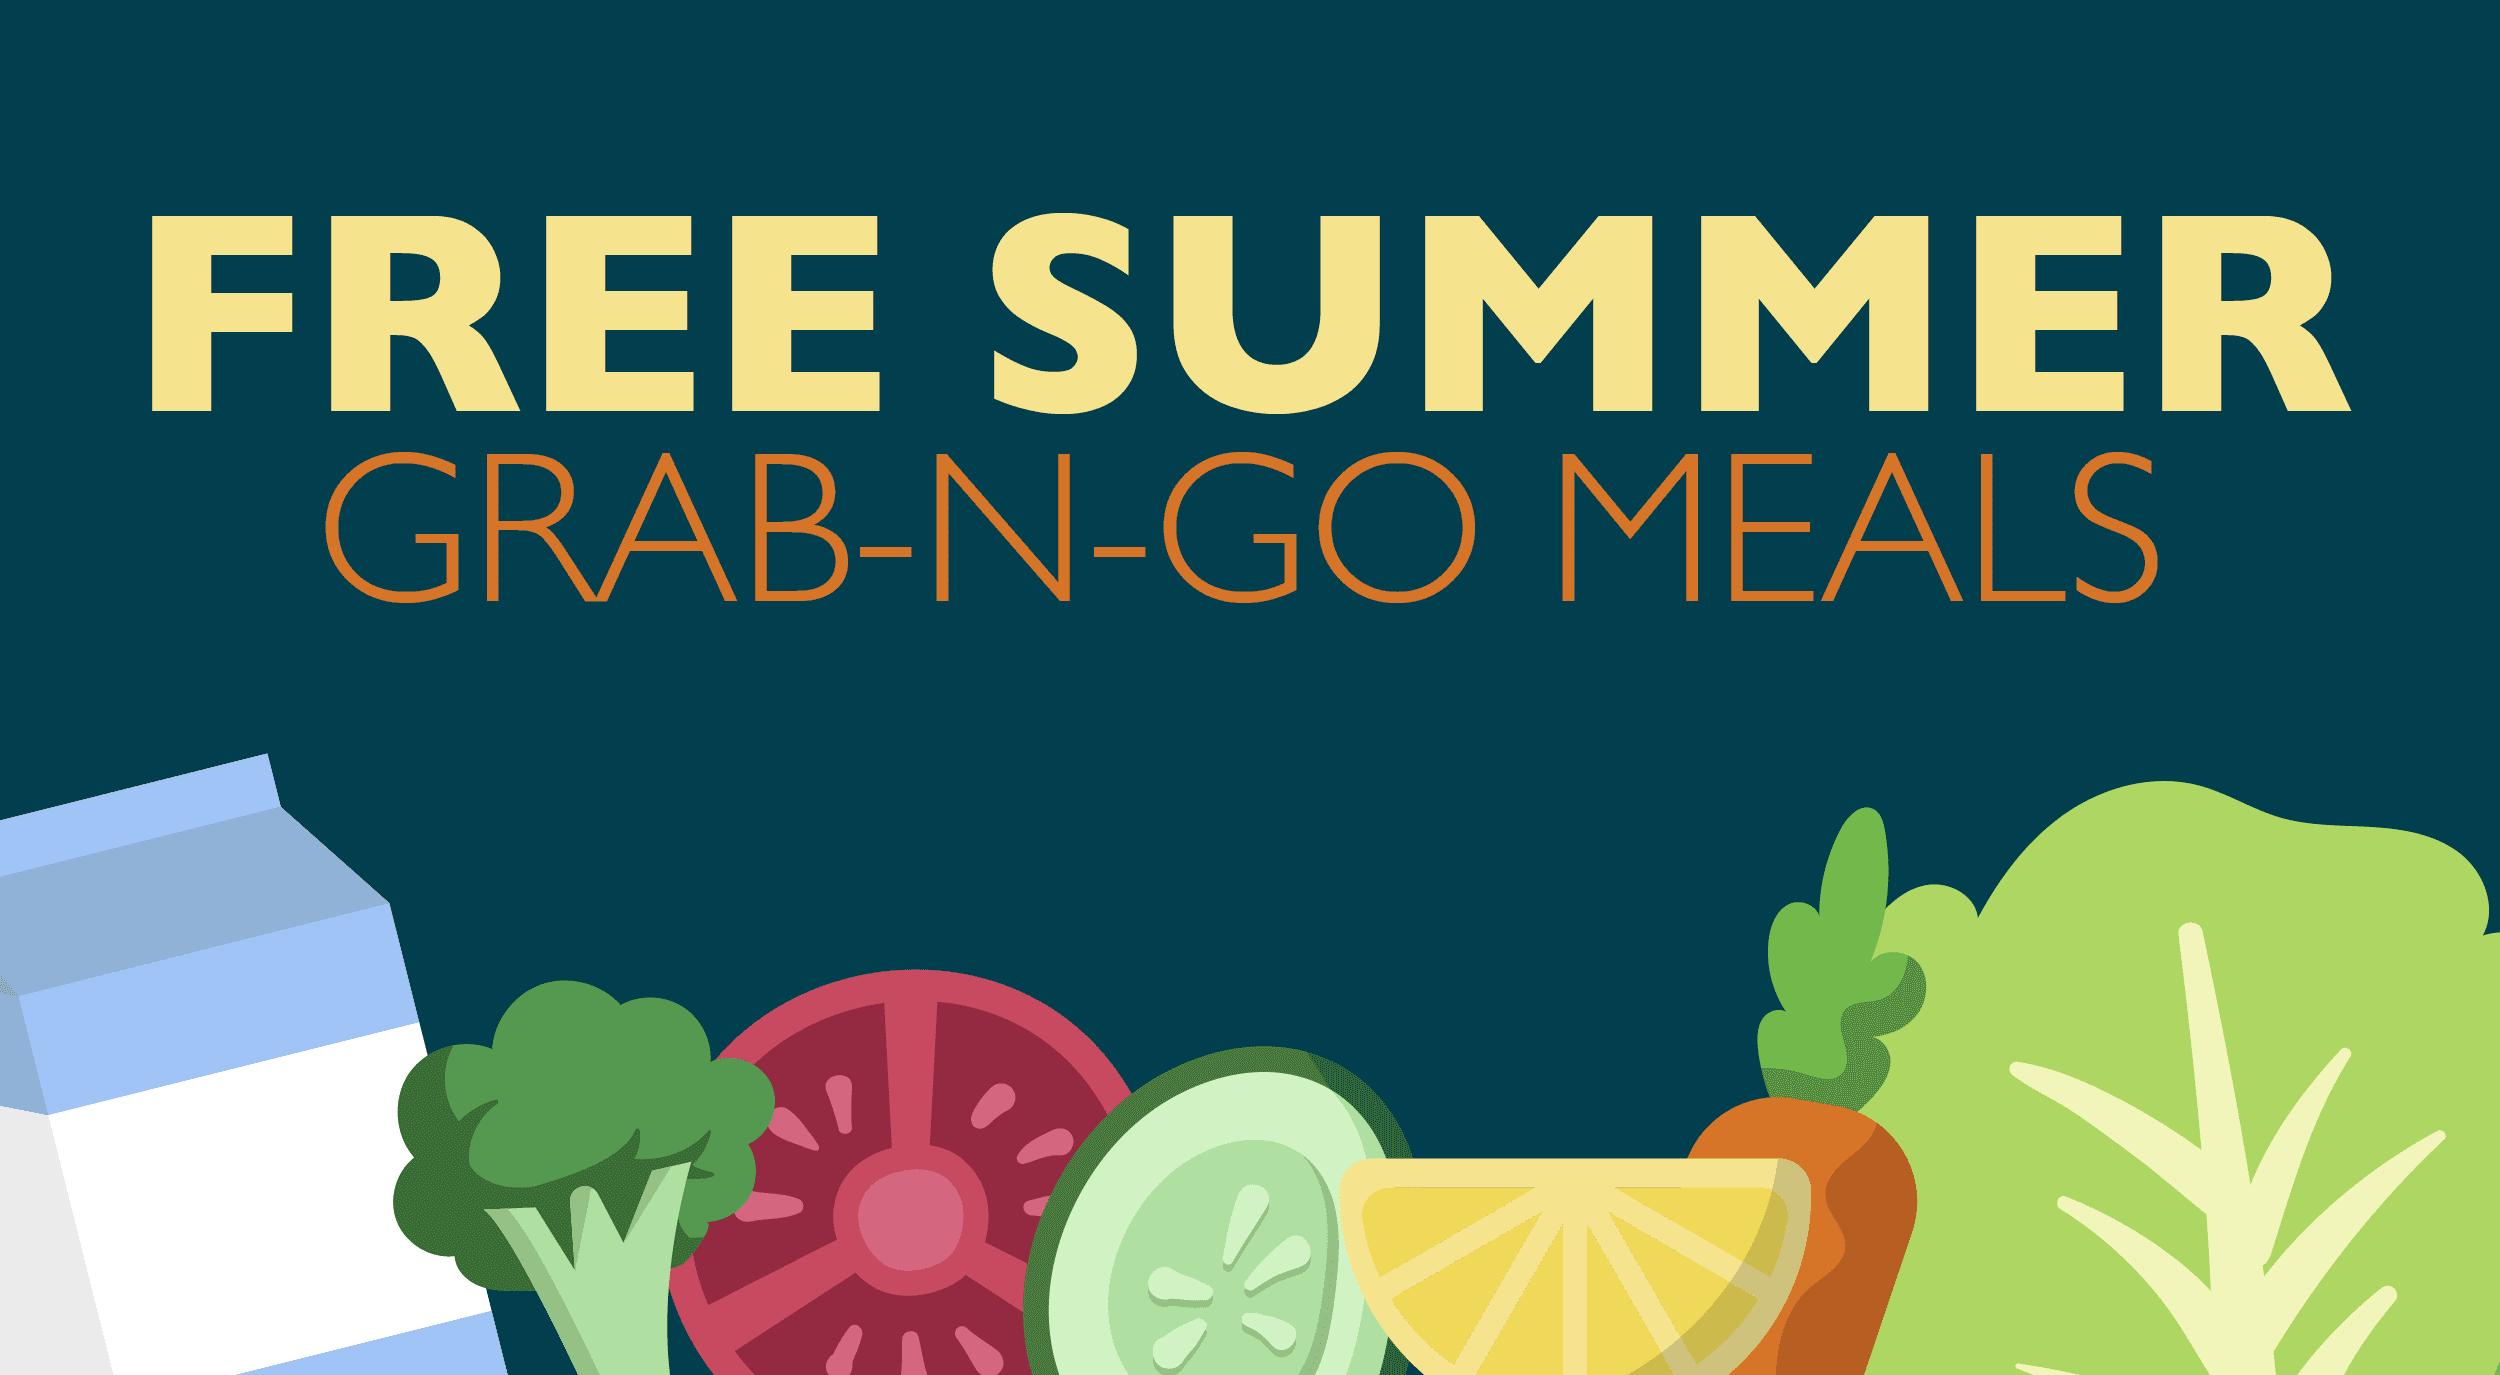 Grab-N-Go Meals